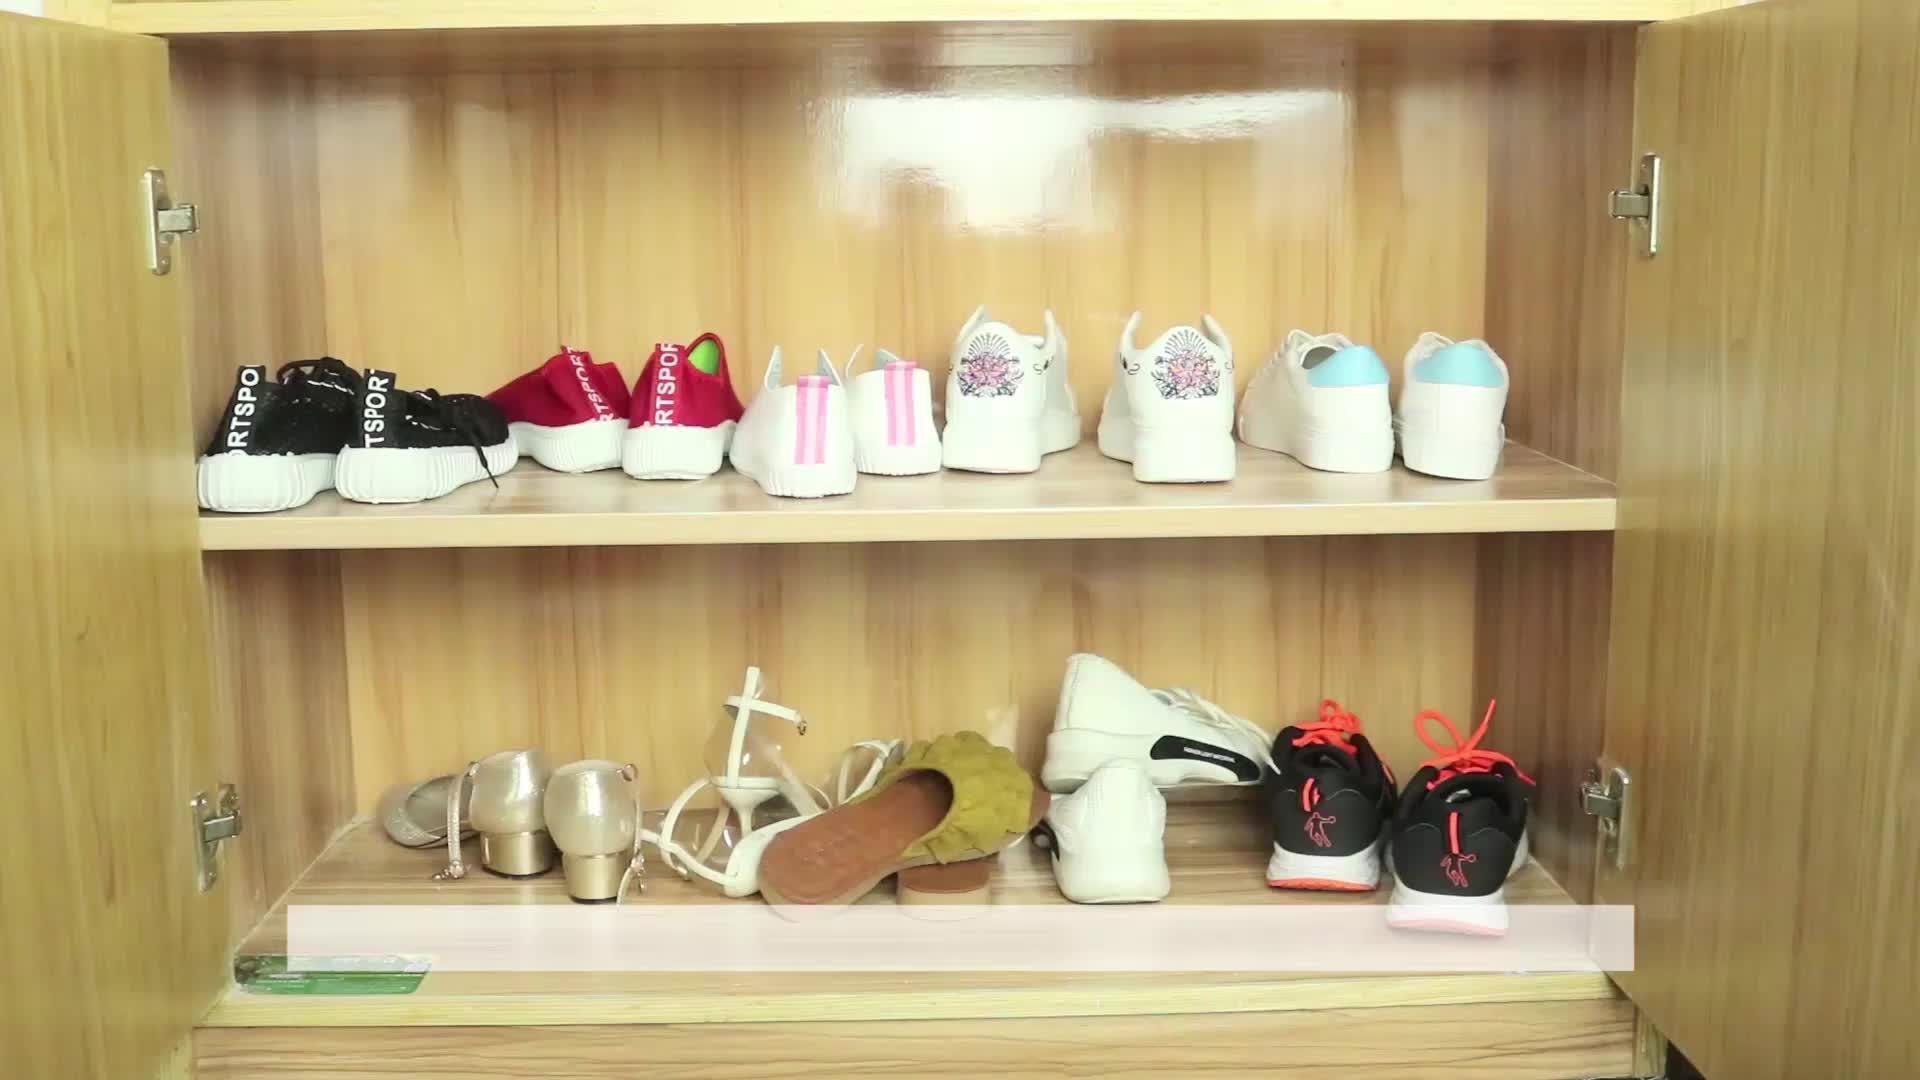 जूता स्लॉट अंतरिक्ष सेवर 10 Pcs पैक डबल परत जूता रैक अंतरिक्ष सेवर प्लास्टिक जूता स्लॉट आयोजक